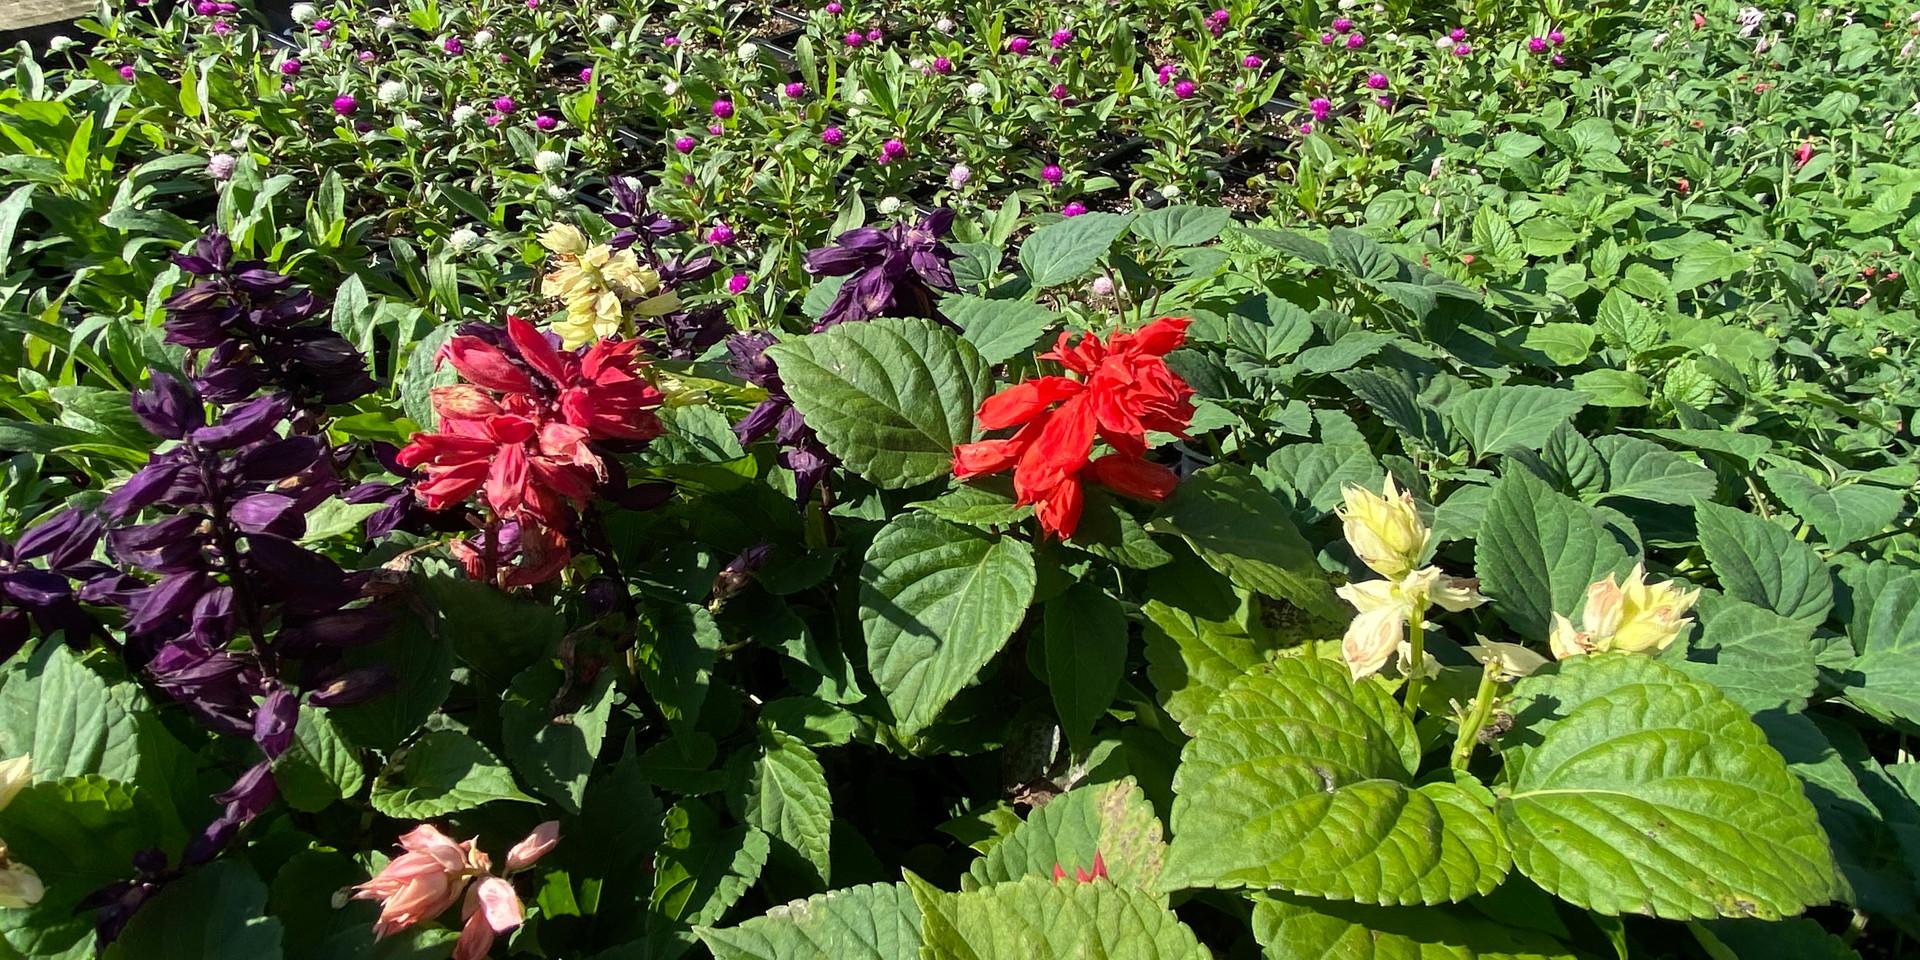 Annual Salvia - such a fun one!